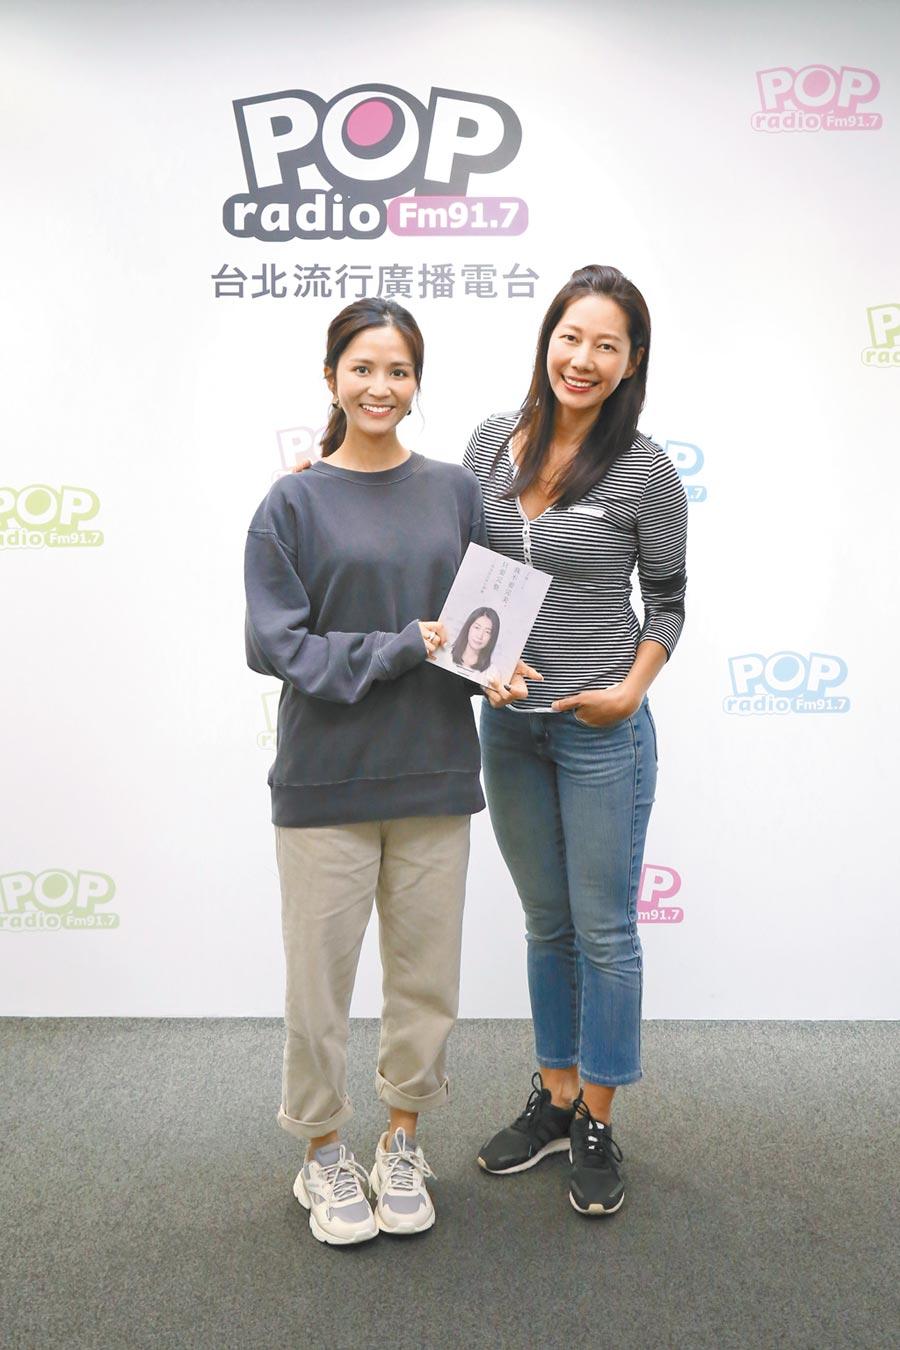 丁寧(右)日前上POP Radio分享心路歷程。左為主持人吳怡霈。(POP Radio提供)